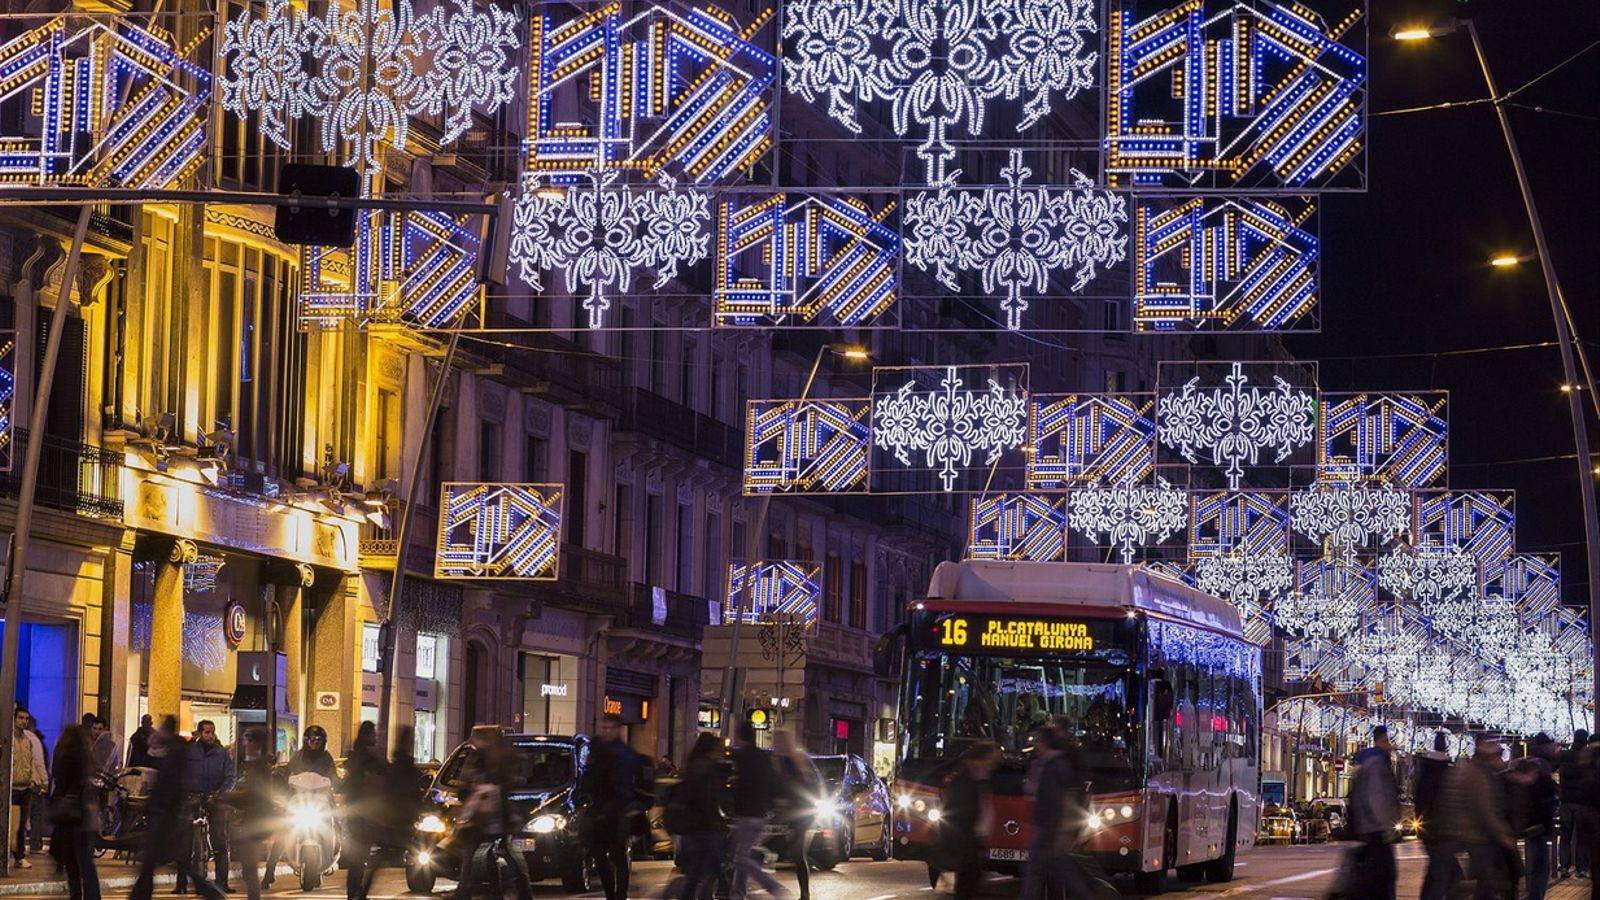 Barcelona s'il·luminarà més aquest Nadal